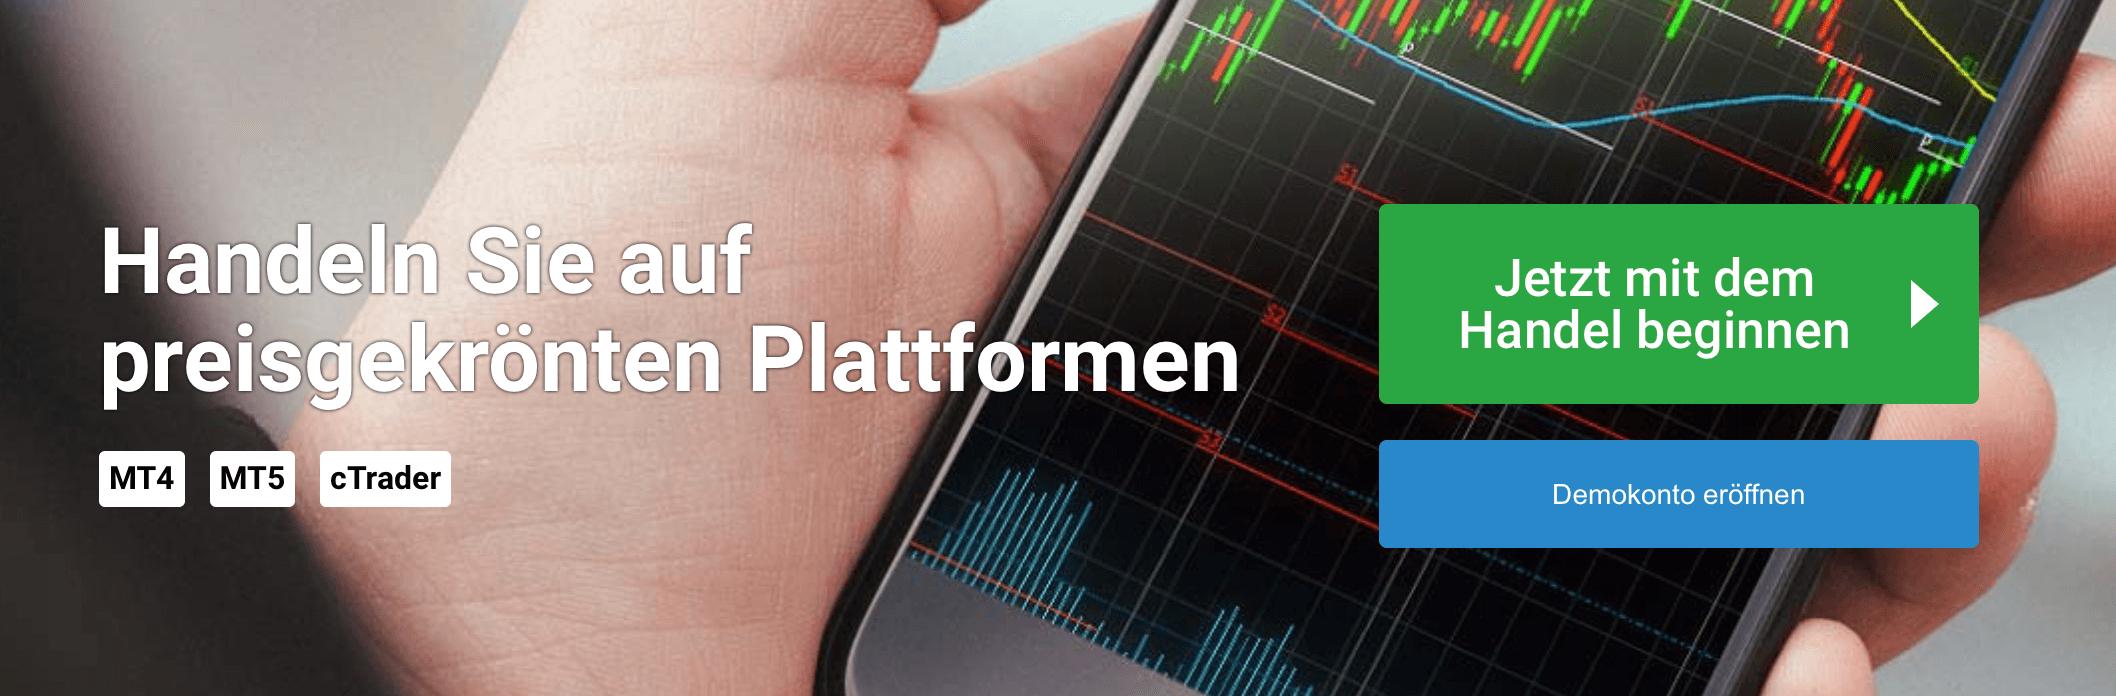 Bei FxPro sind verschiedene Plattformen verfügbar - und darüber hinaus auch ein Demokonto